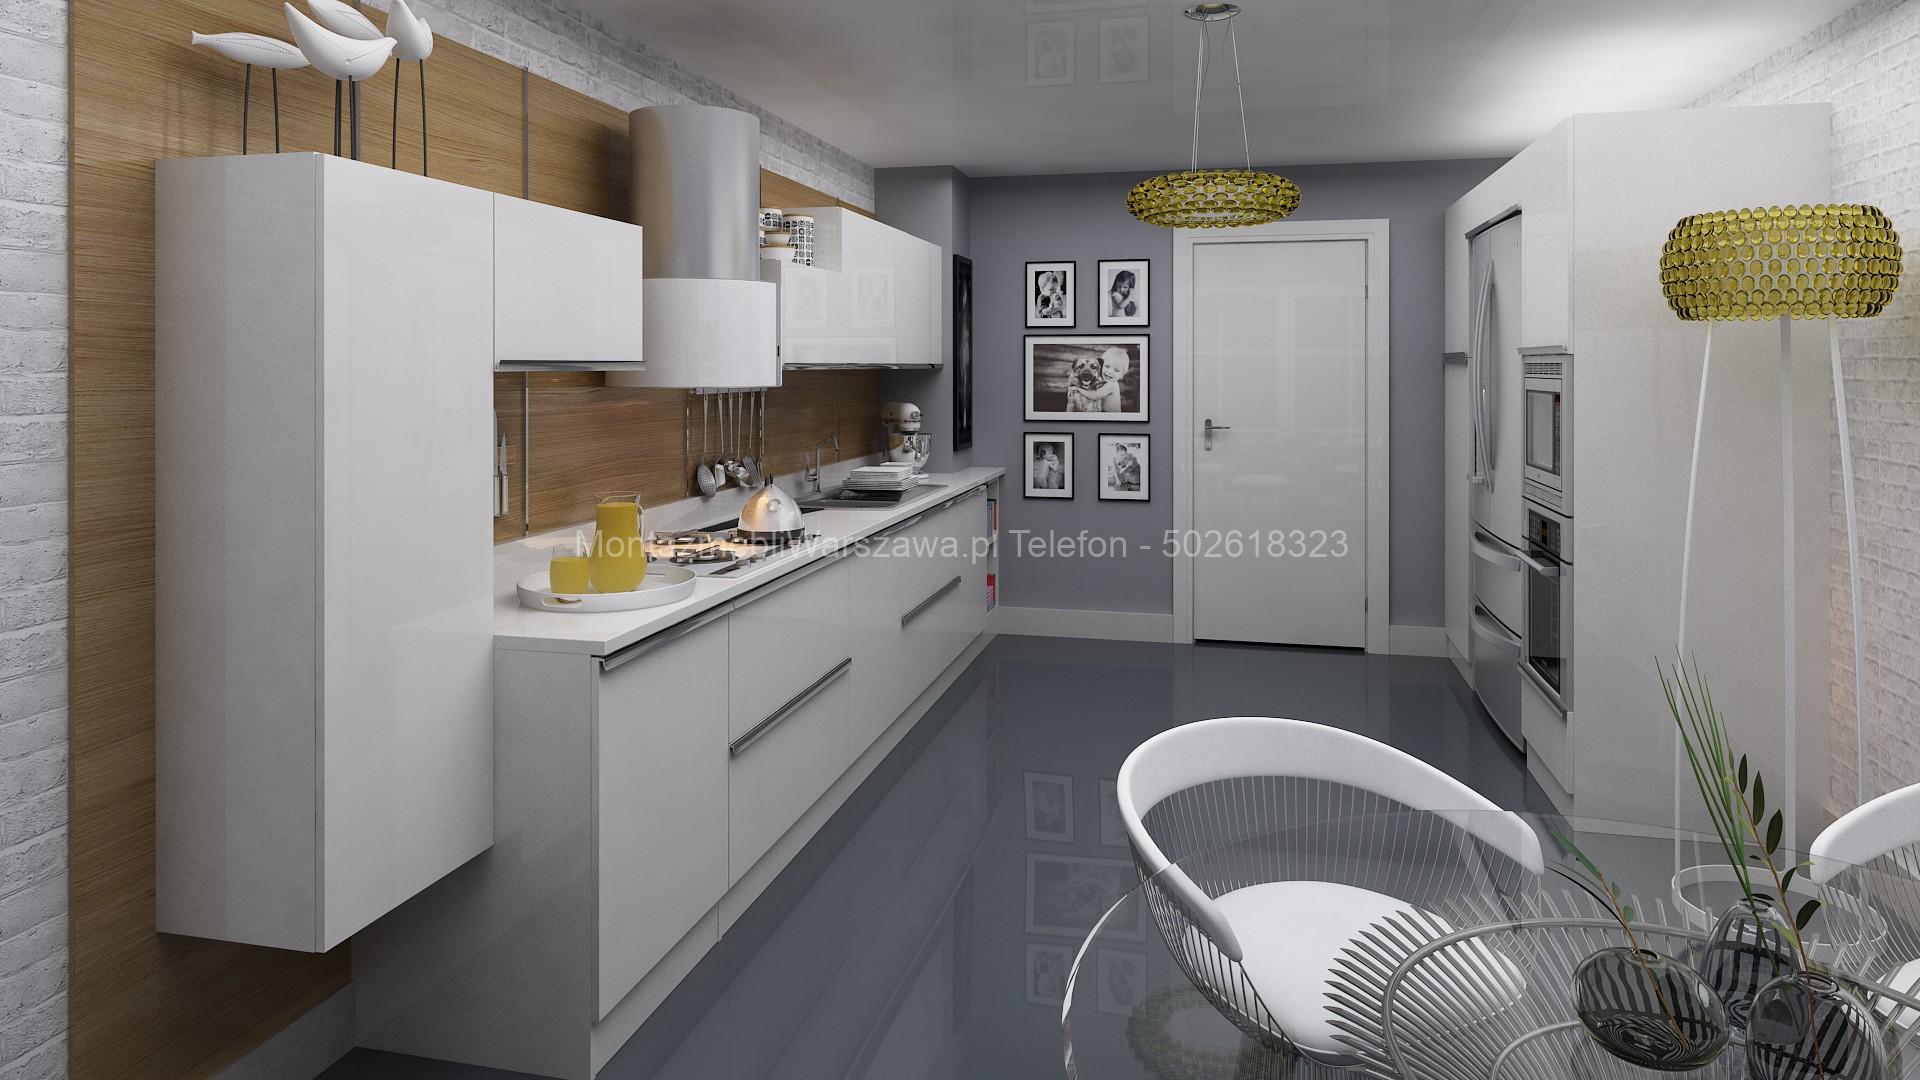 warszawa instalacja meble kuchenne